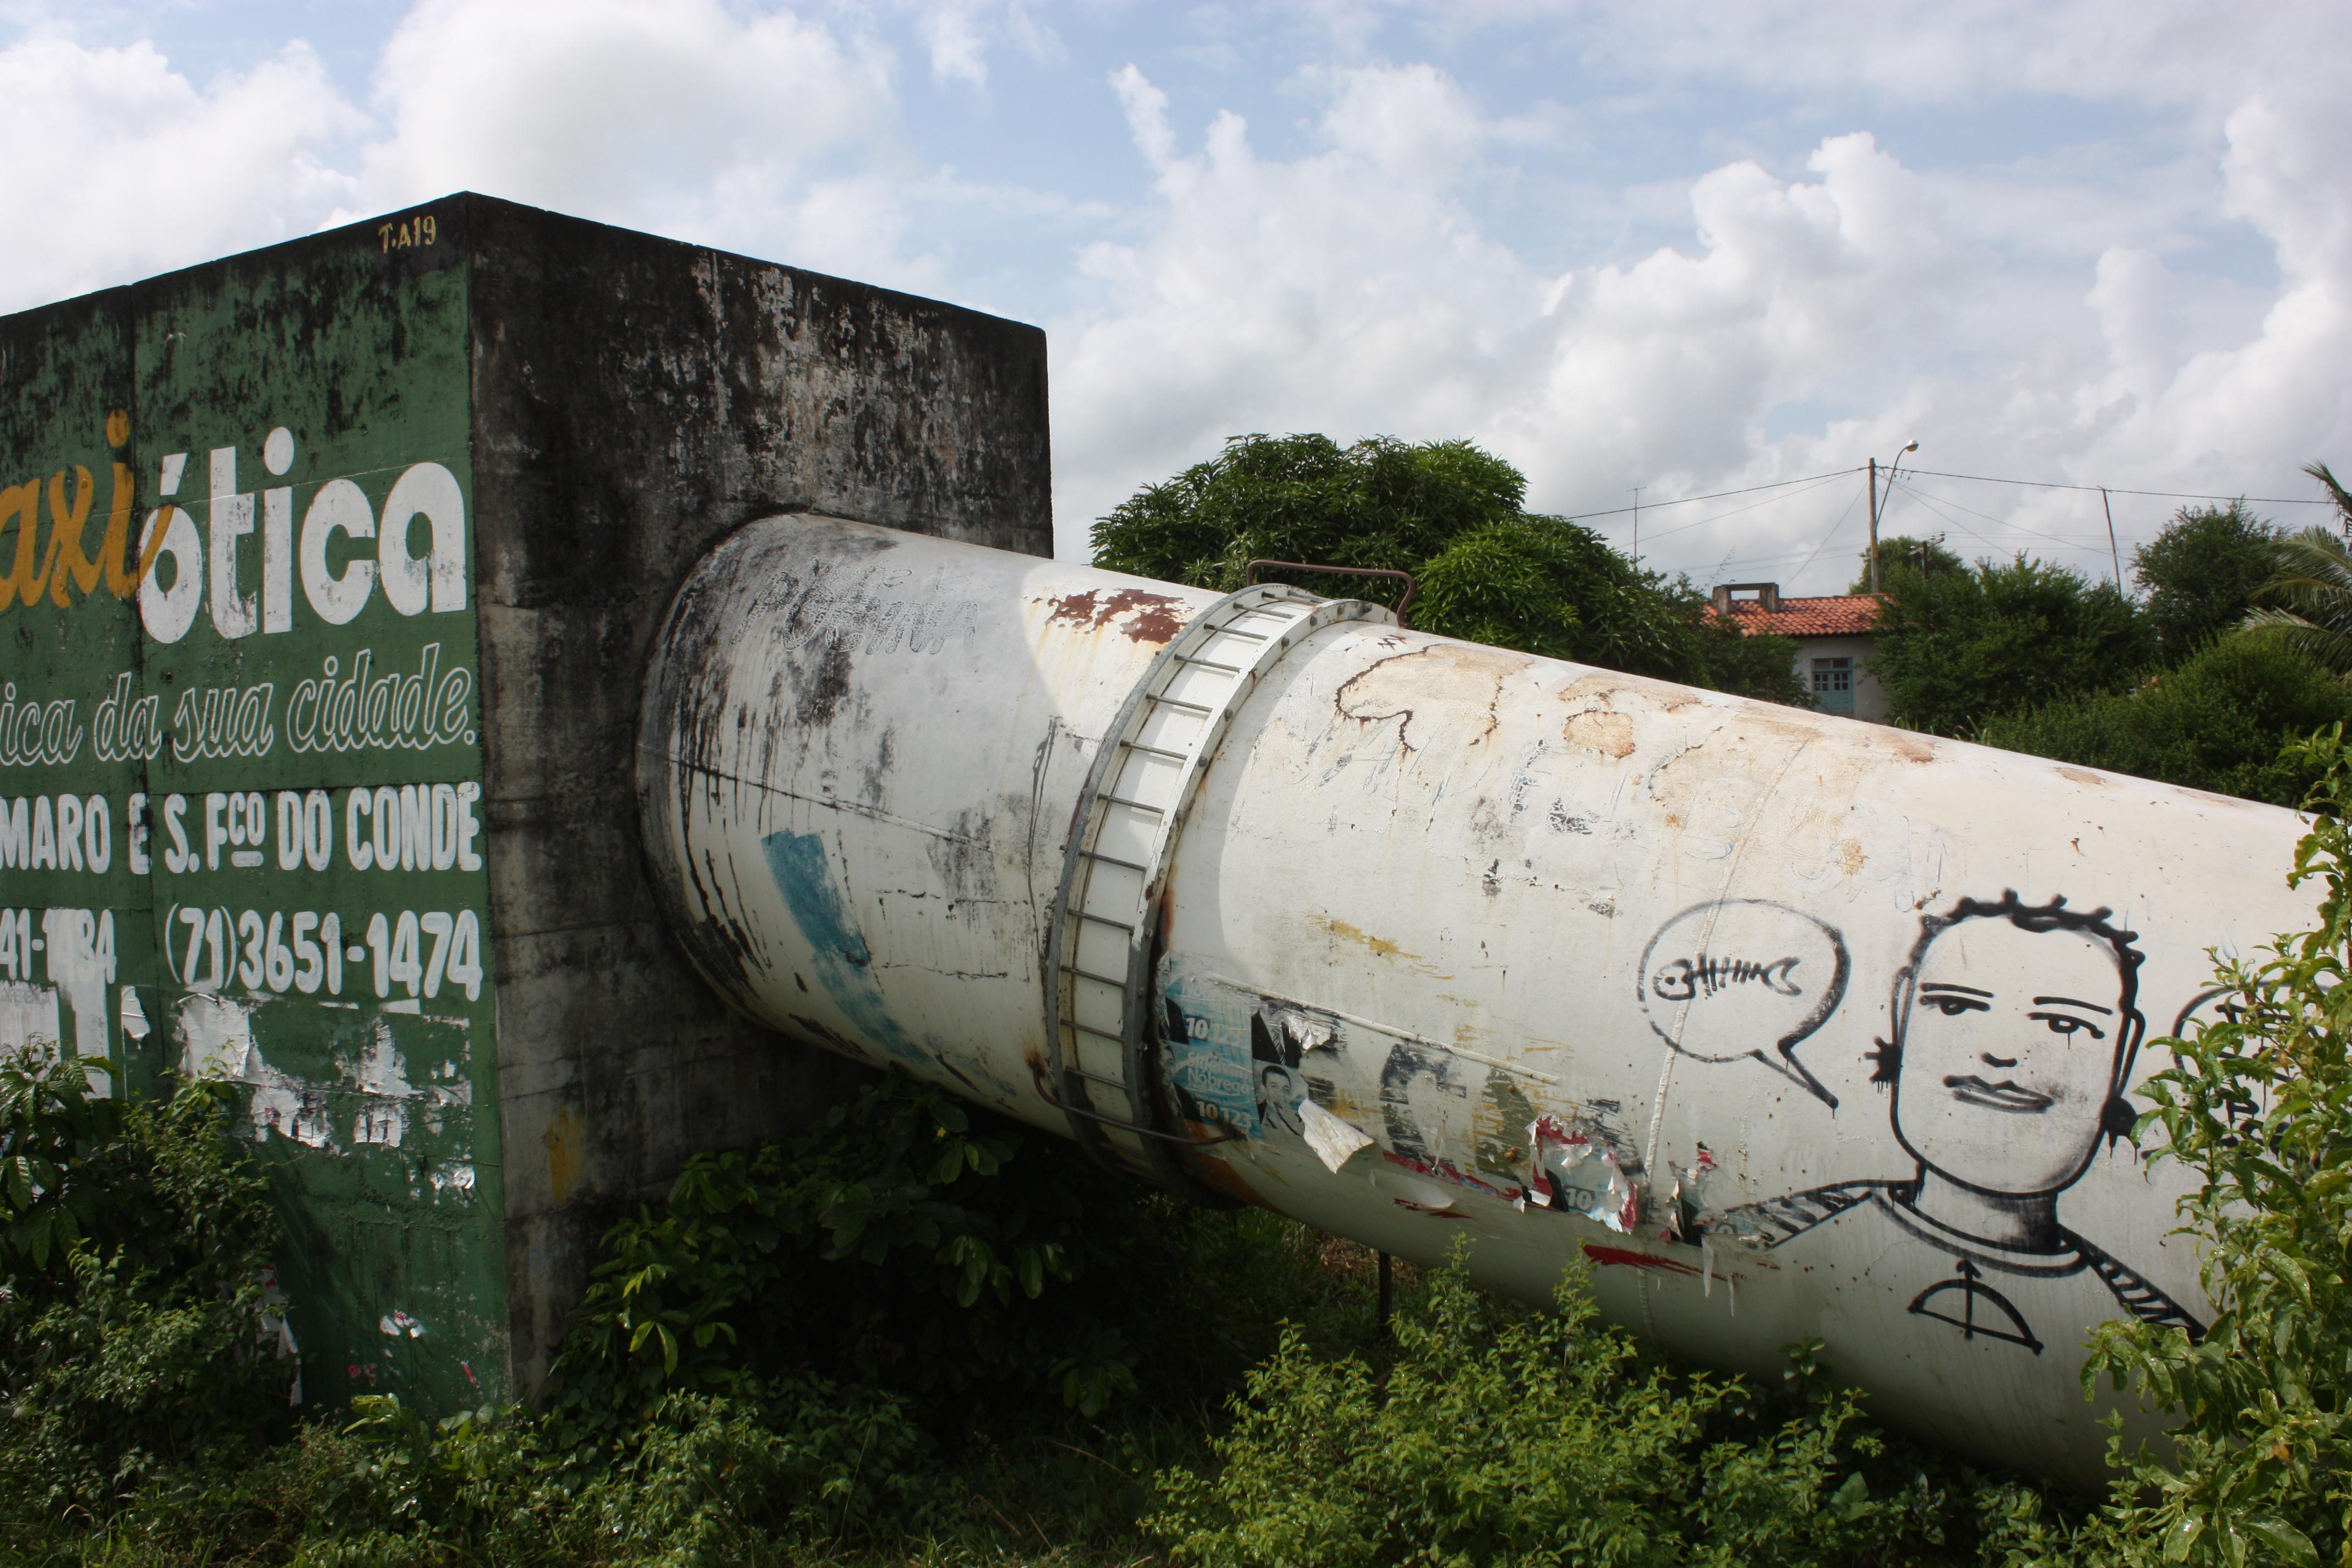 Personagem do grafiteiro Denissena na adutora de água, próximo a segunda linha férrea - Rodovia BA-o26